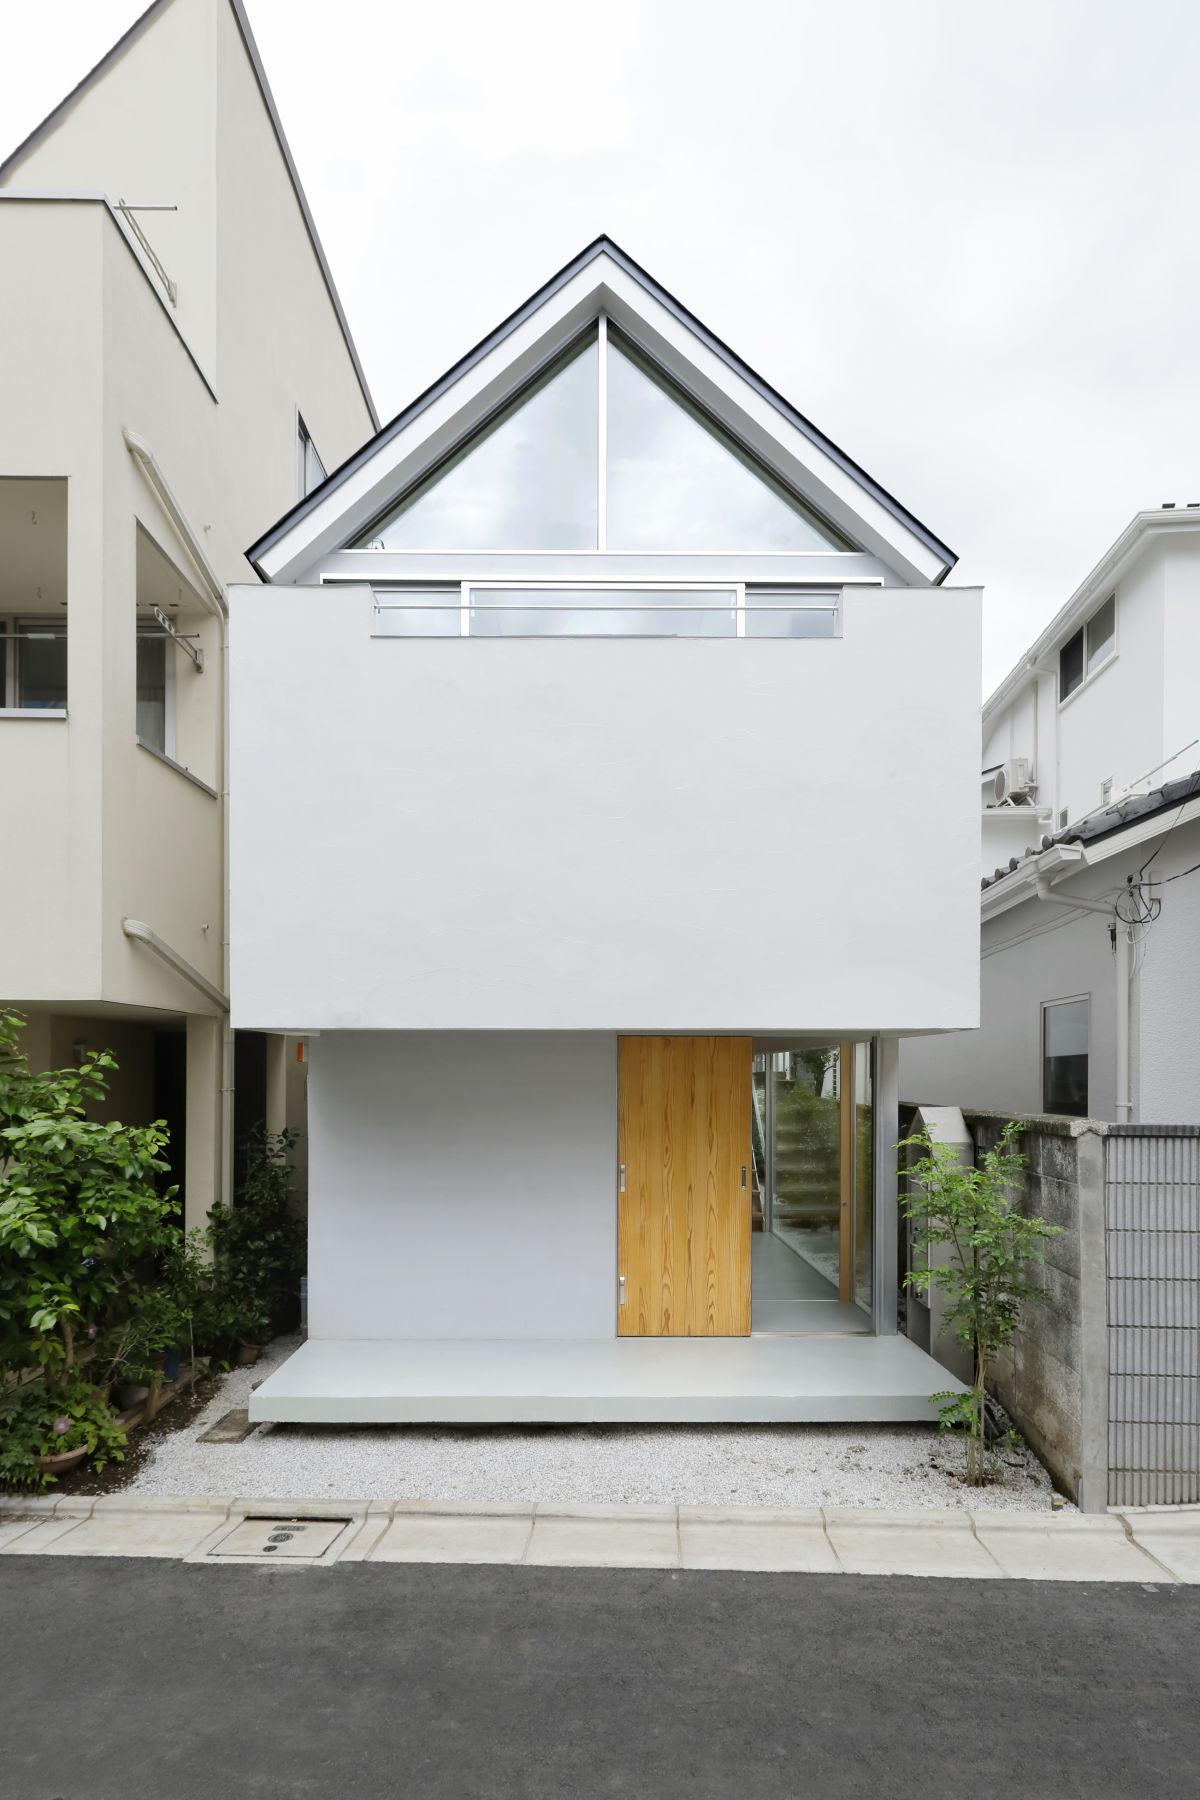 Este modelo de casa pequena quis ser diferente e abusou de originalidade.